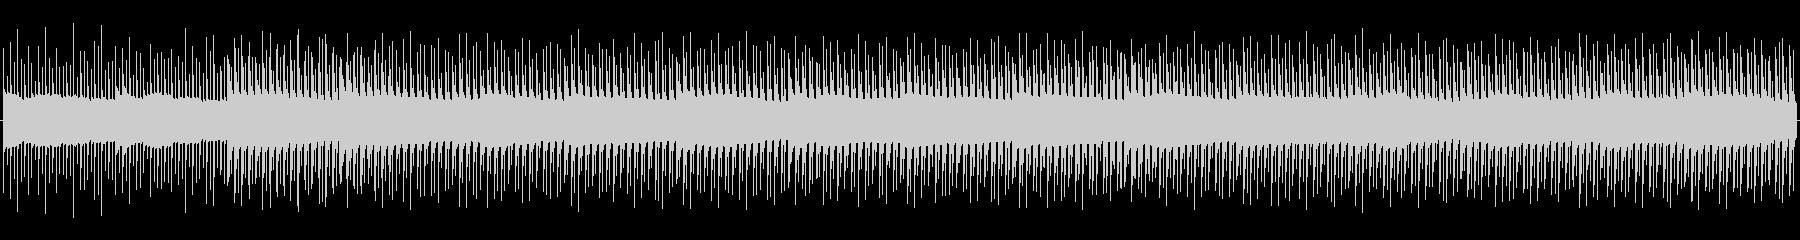 企業向けシンプルでクリーンなギターポップの未再生の波形